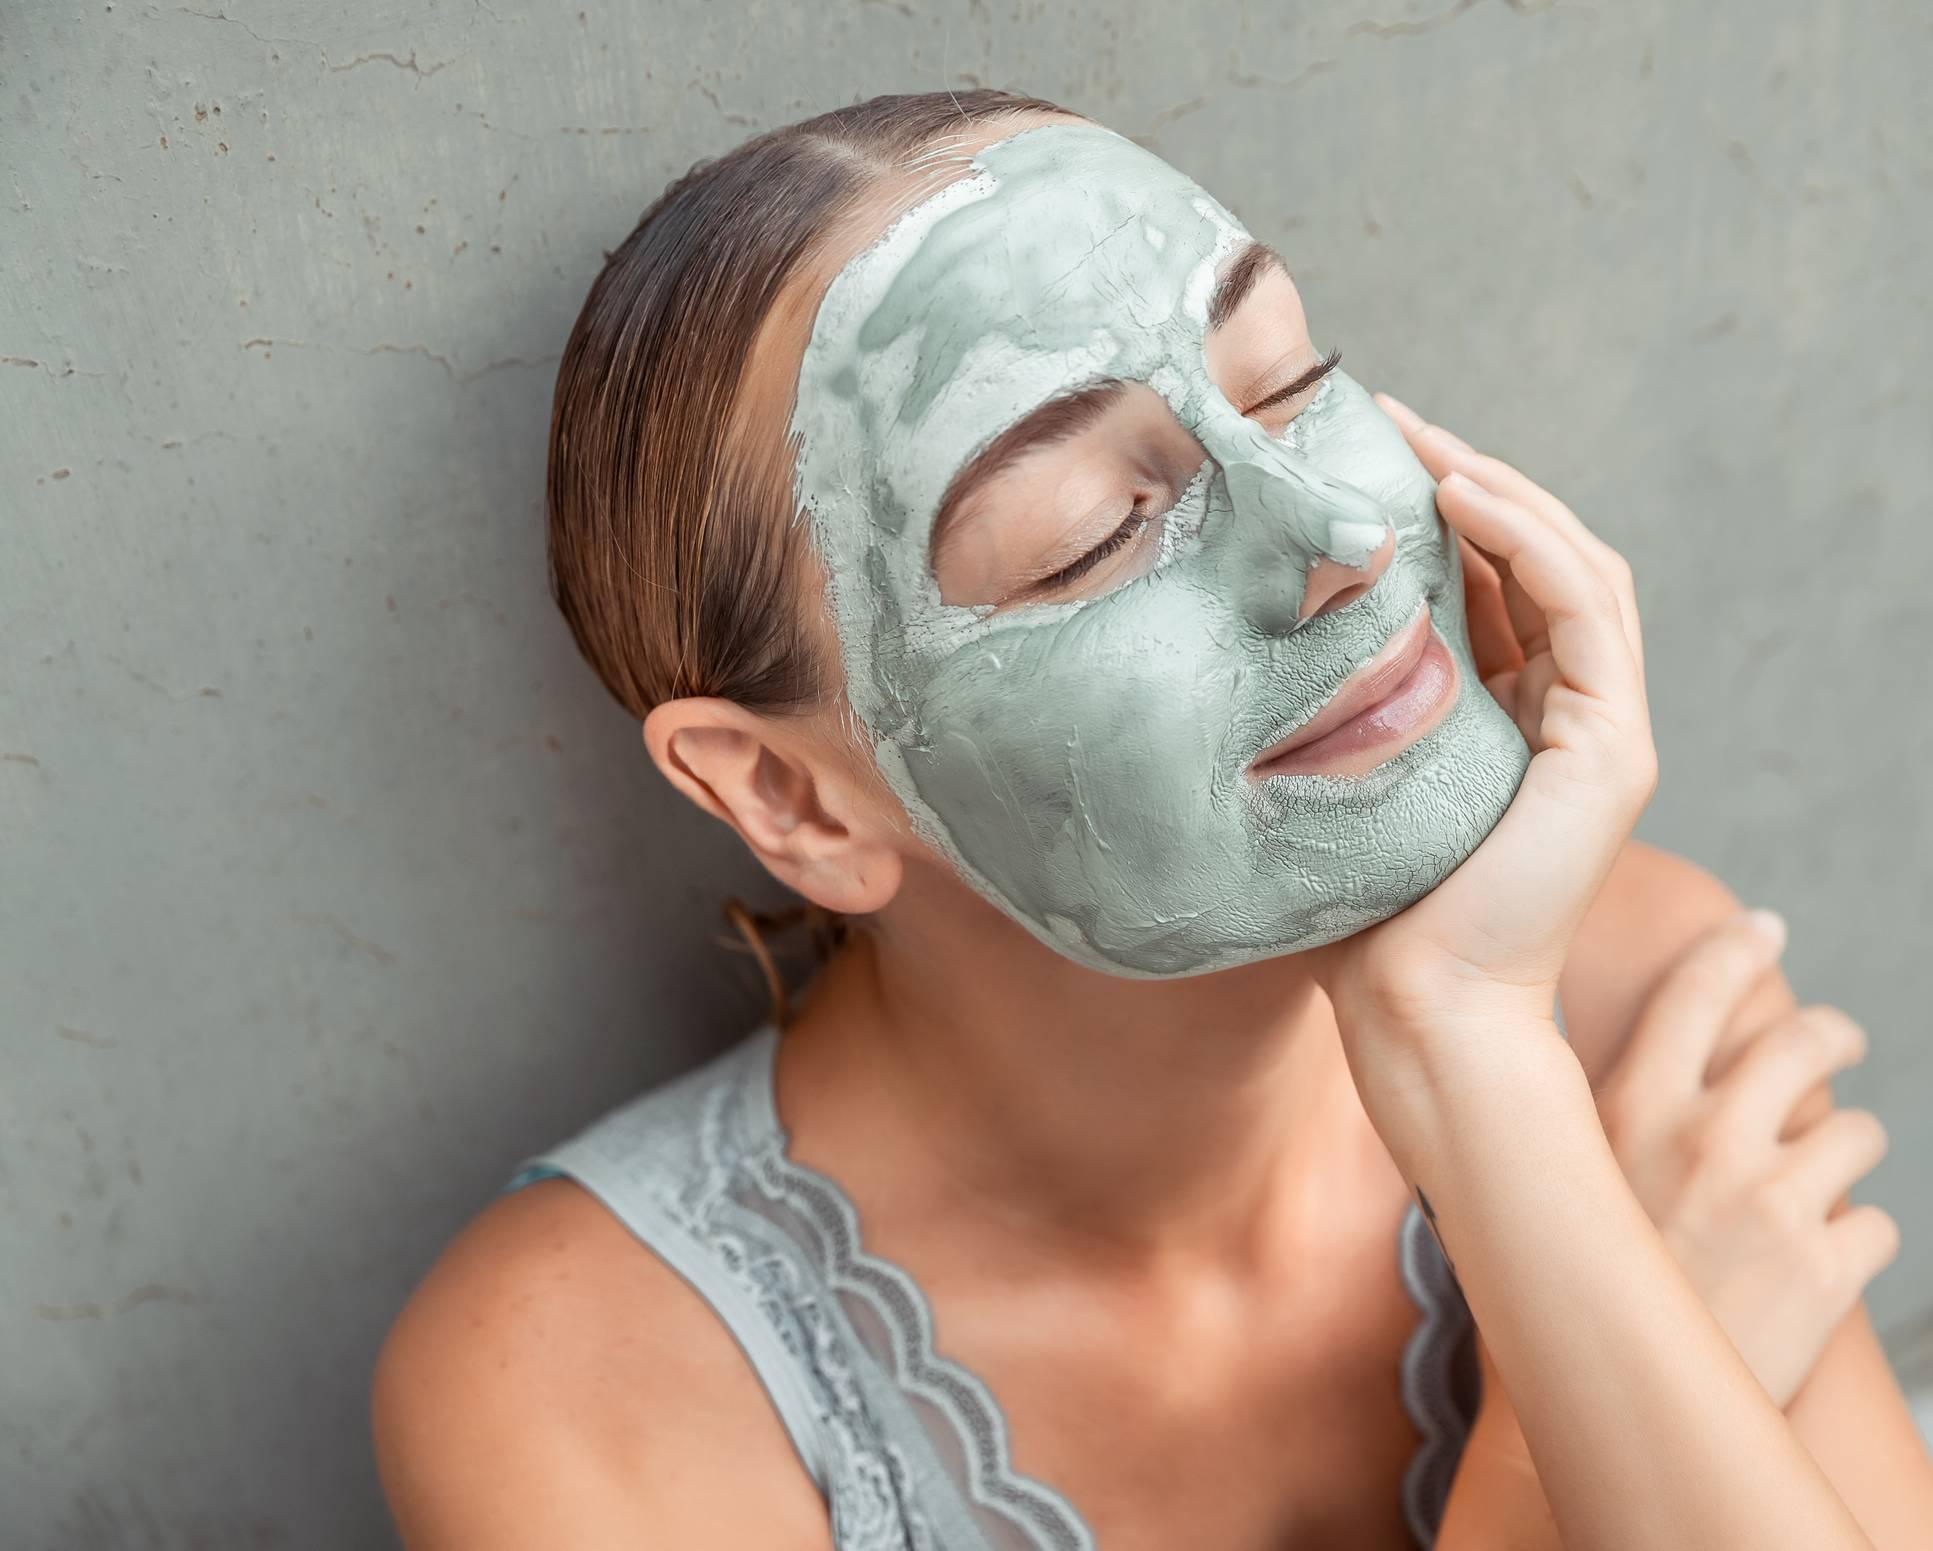 L'argile en poudre se transforme en cosmétique naturel très efficace